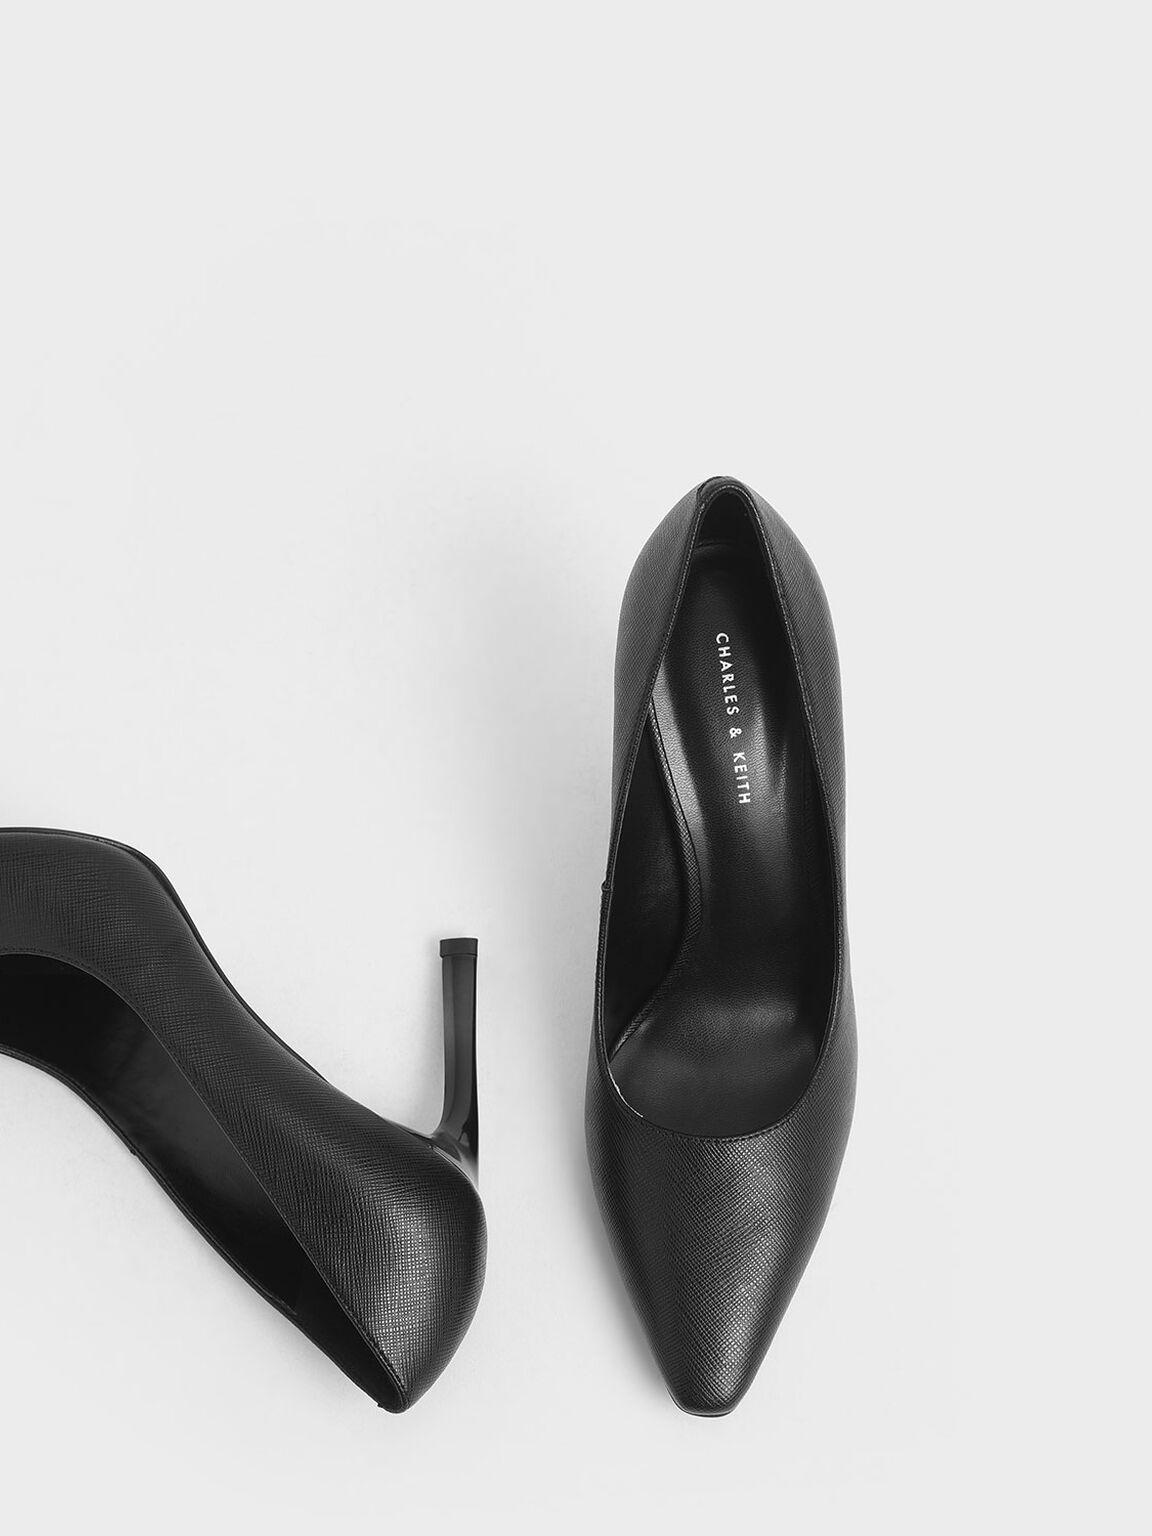 Sculptural Stiletto Pumps, Black, hi-res